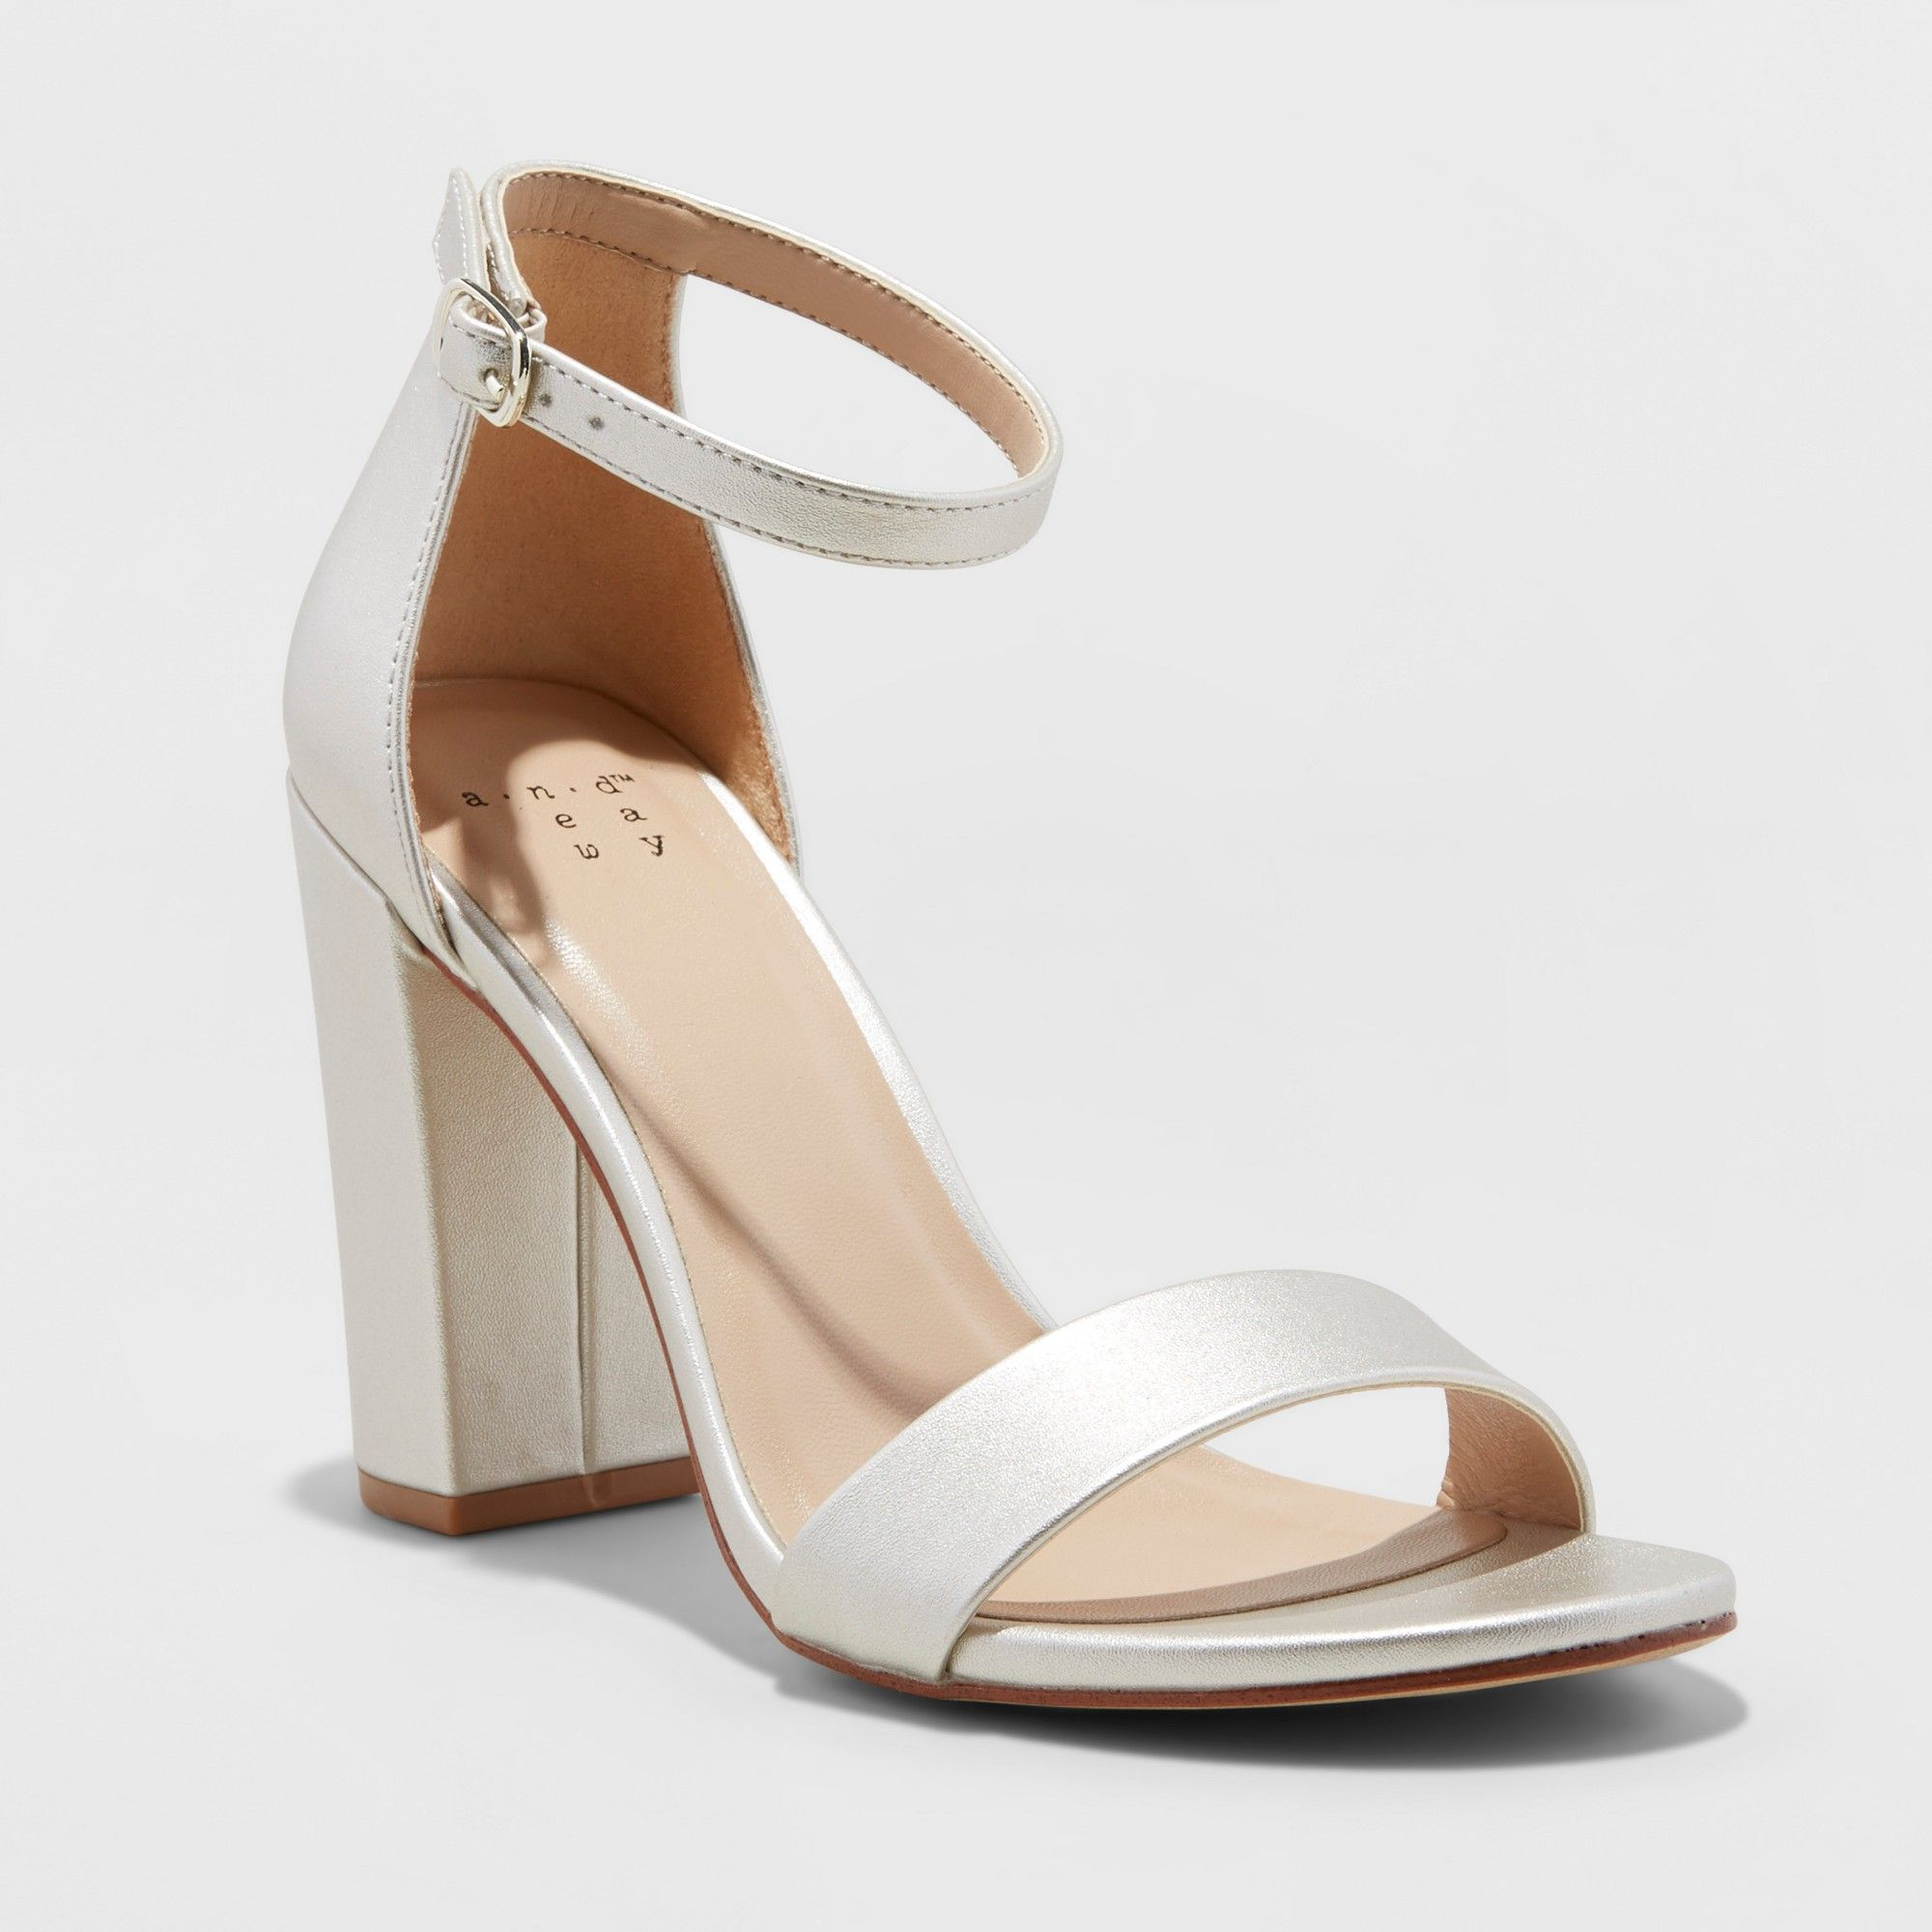 226113a4a6f Women s Ema Glitter Satin Wide Width High Block Heel Pump Sandal - A New  Day™ Rose Gold 5W